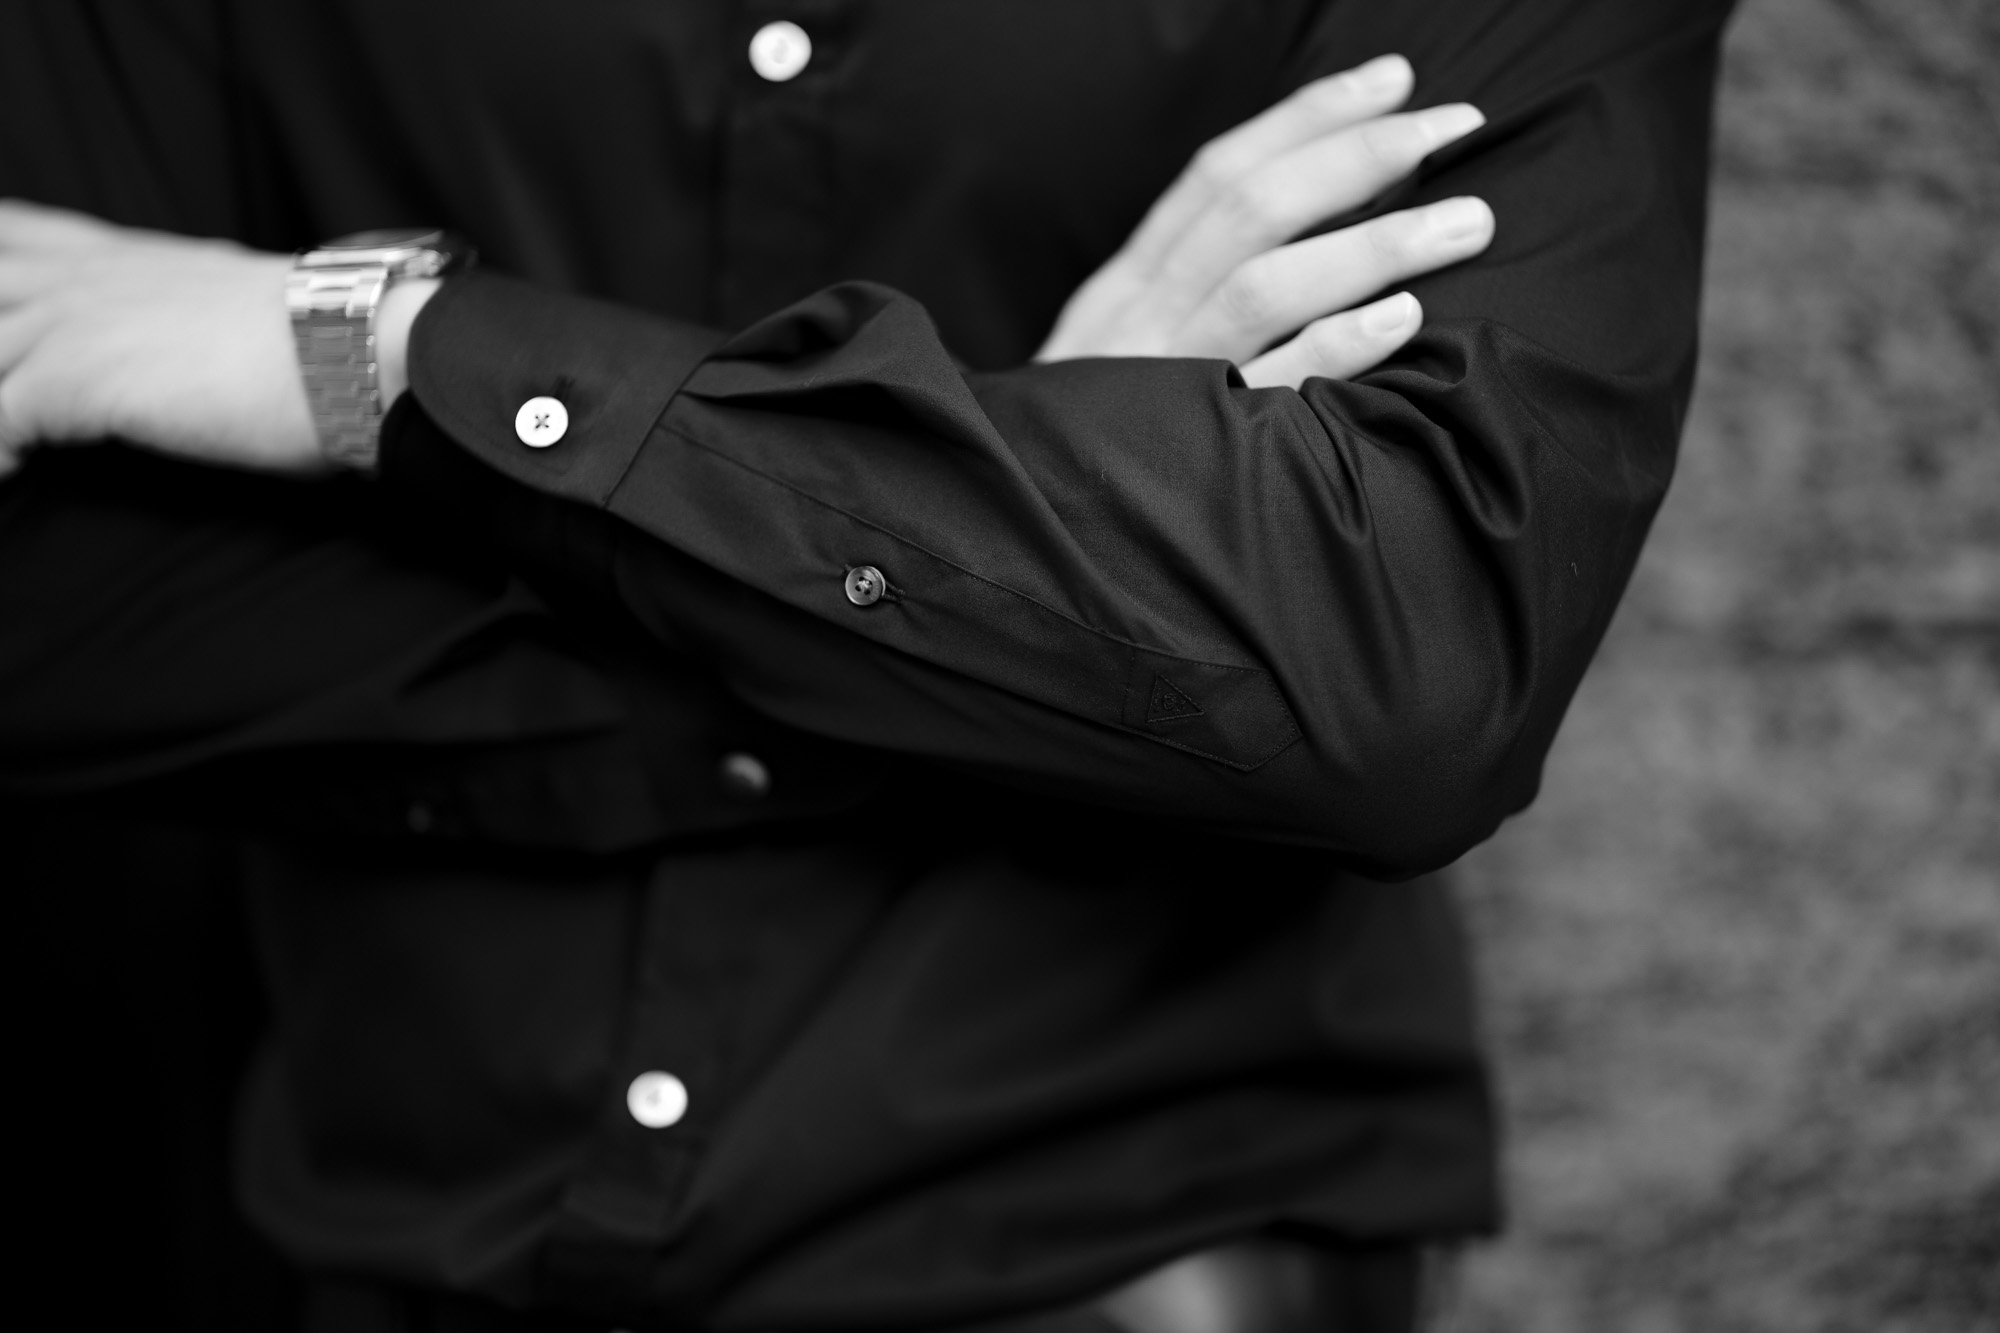 """FIXER """"FST-01"""" フィクサー エフエスティー01 SHIRTS シャツ COTTON STRETCH コットンストレット BLACK ブラック ブラックシャツ 黒シャツ 愛知 名古屋 Alto e Diritto altoediritto アルトエデリット"""